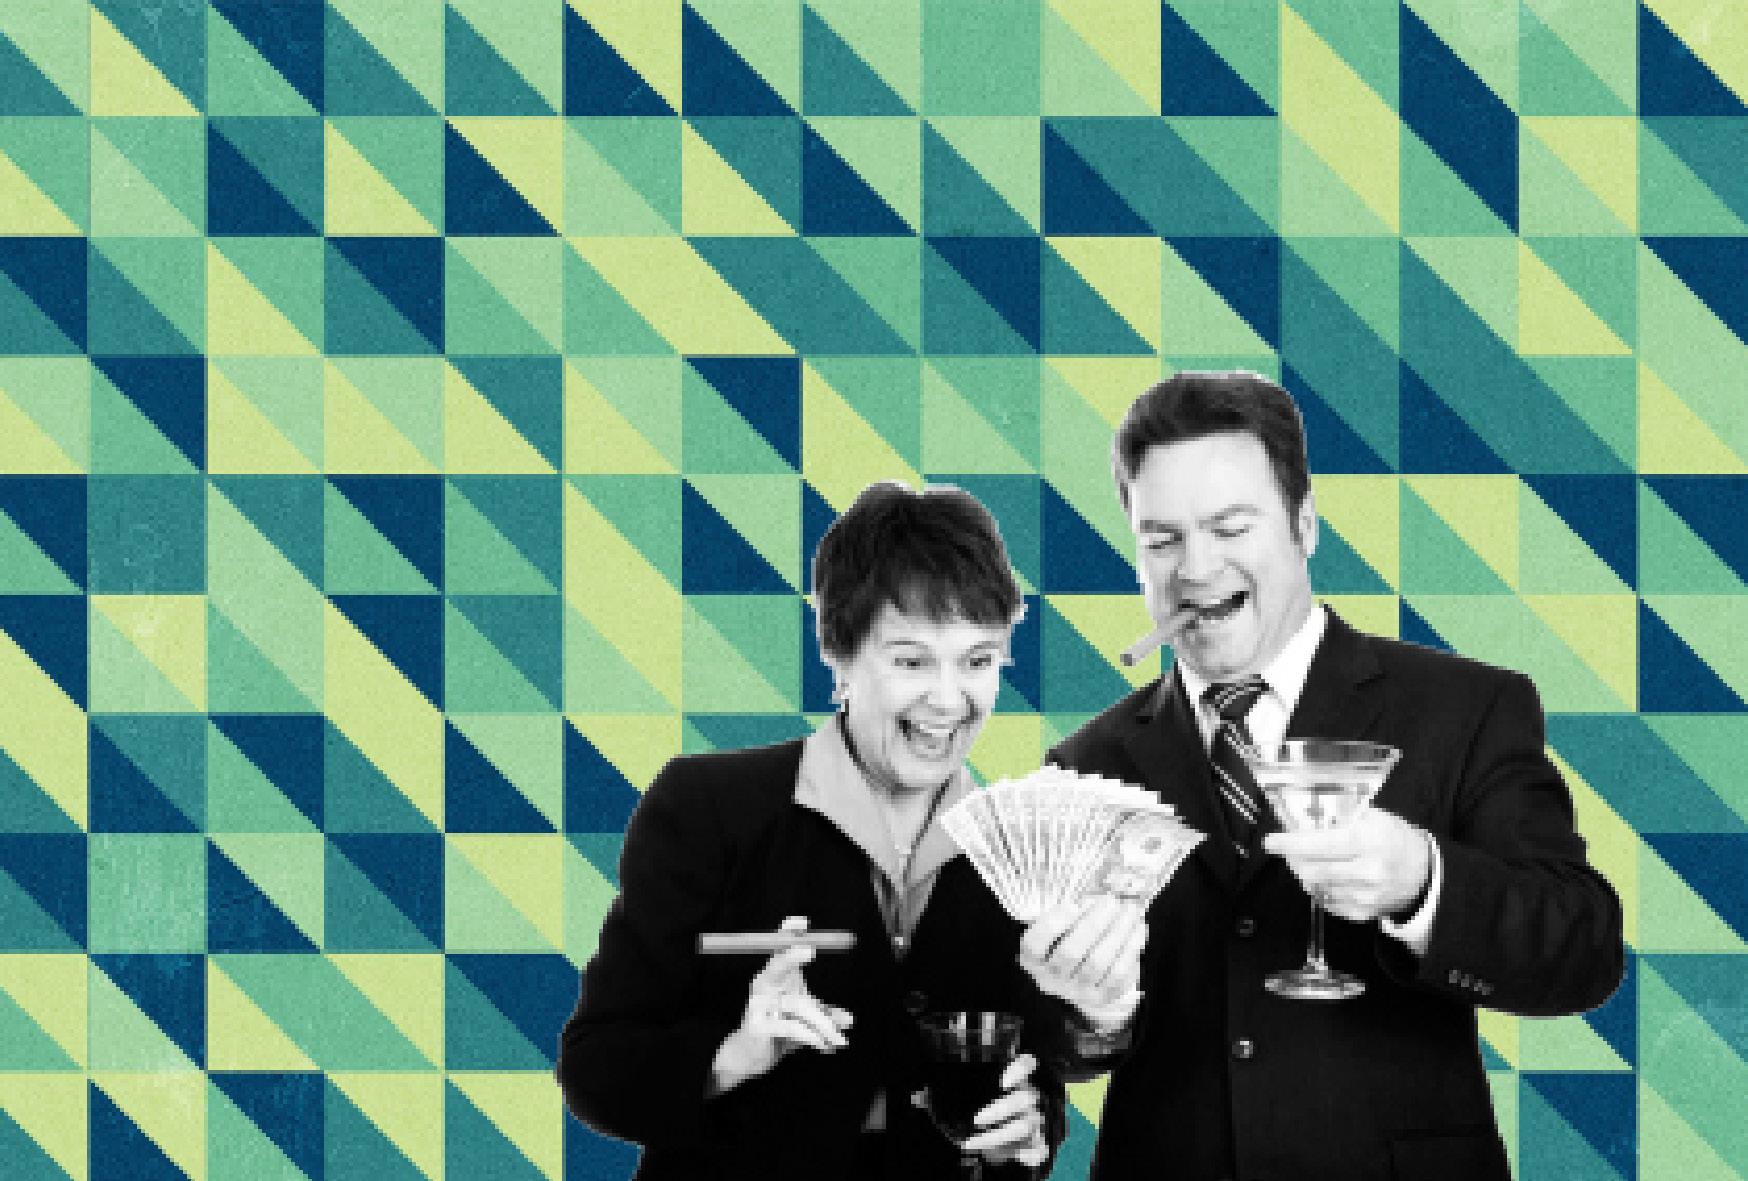 Australia's rich still getting richer